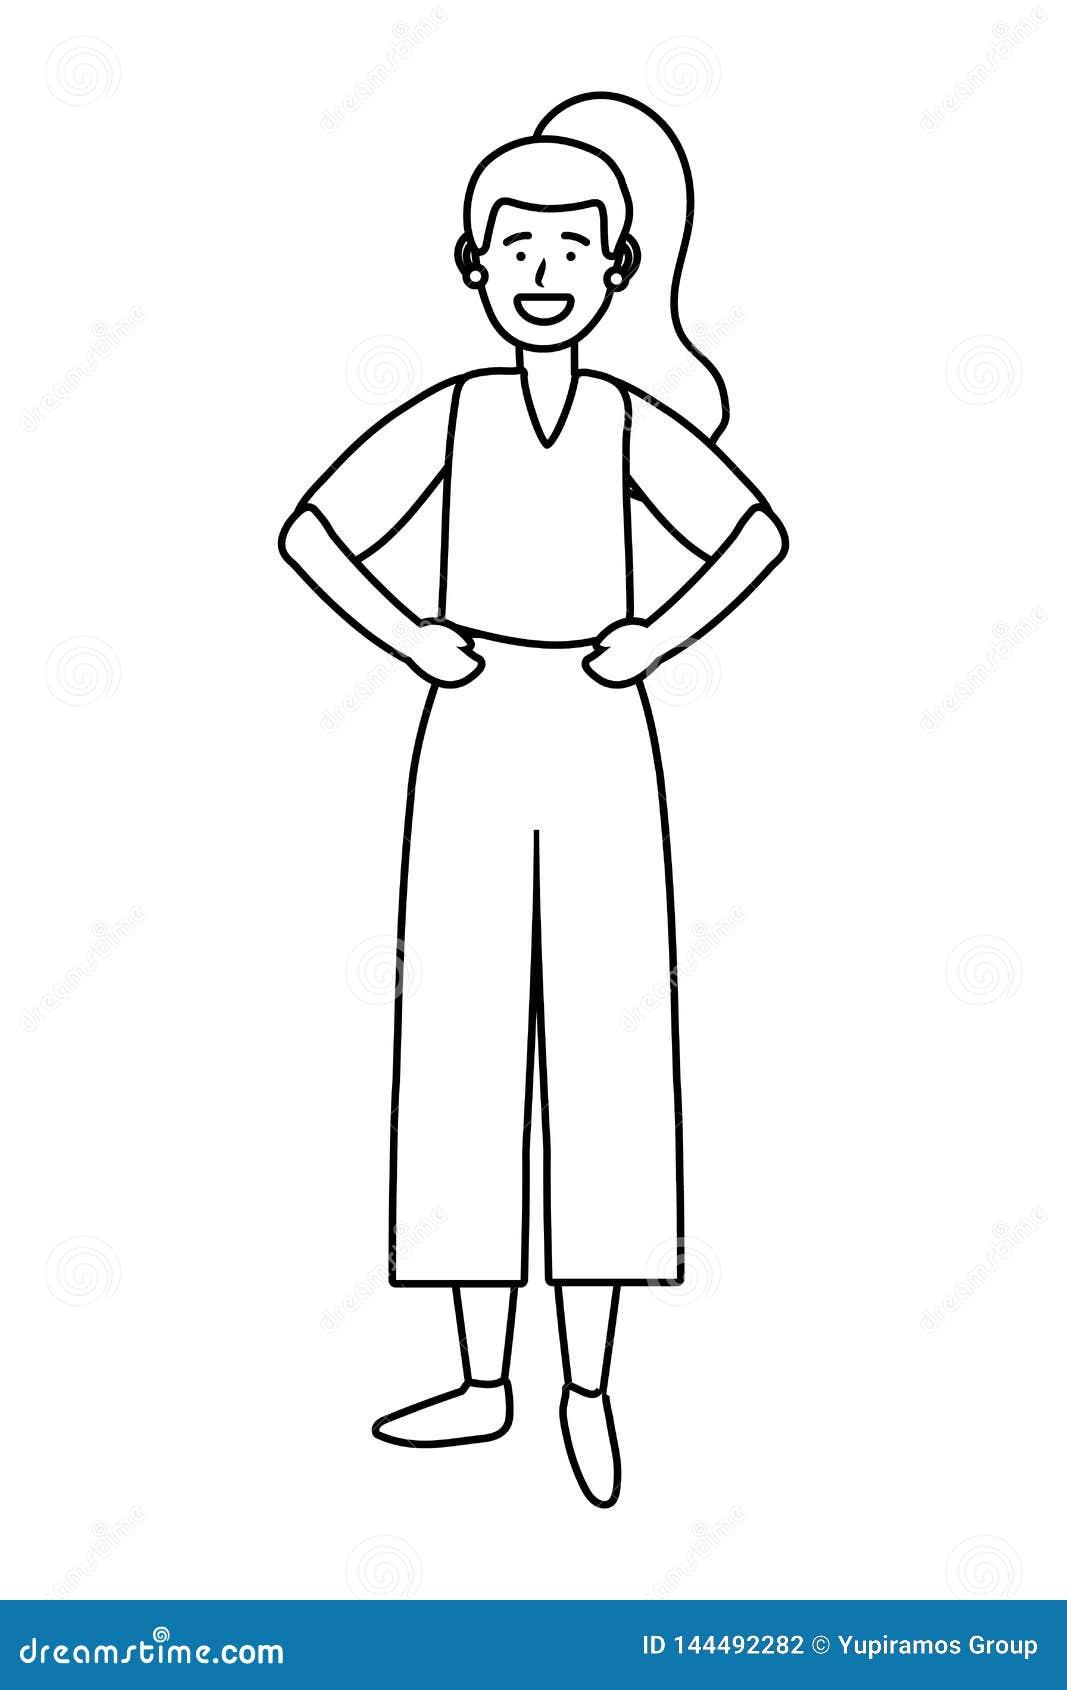 Personnage De Dessin Animé Davatar De Femme Noir Et Blanc